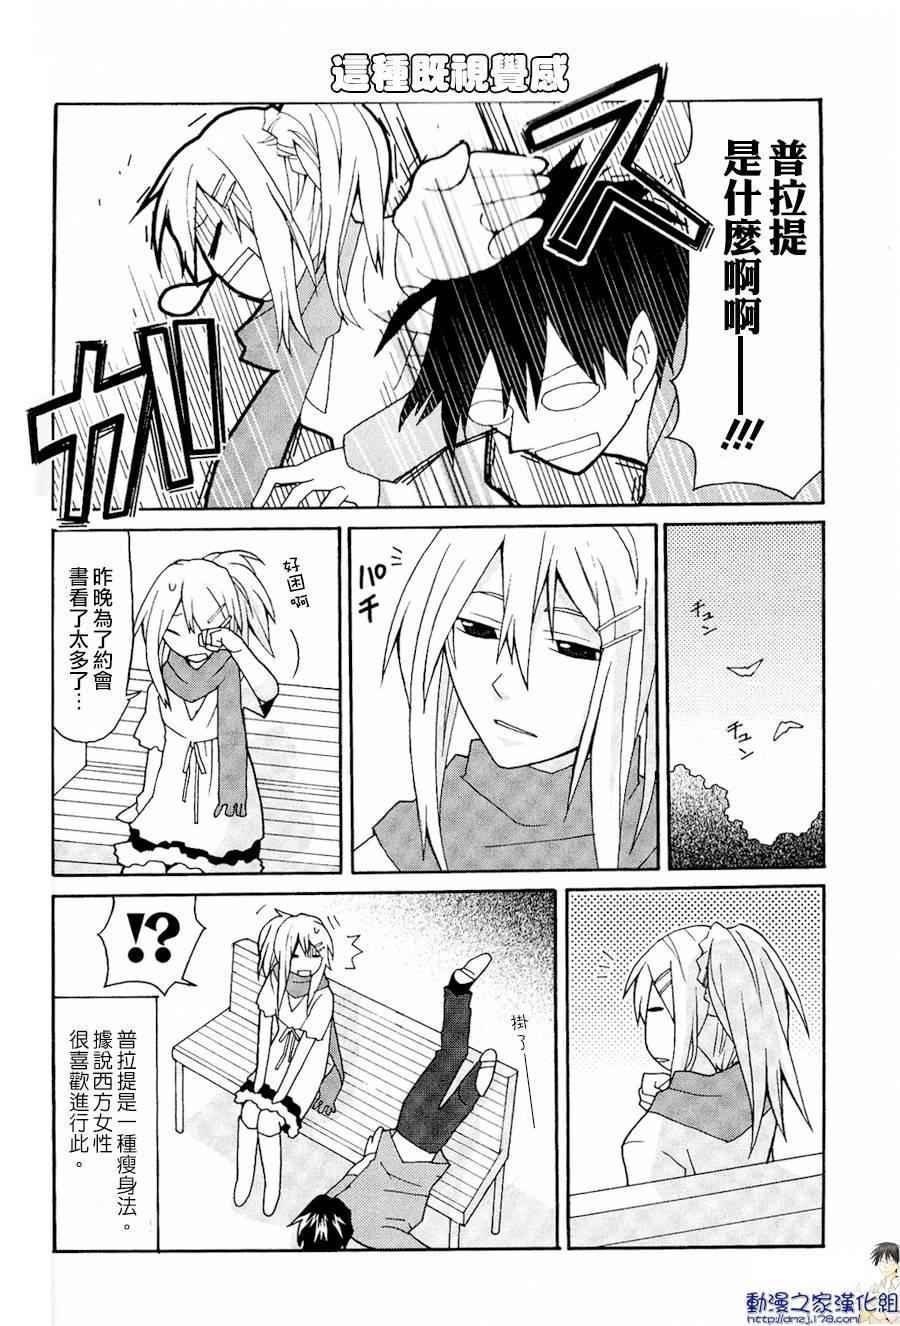 【漫画】我的恶娇女友 #01-03 2